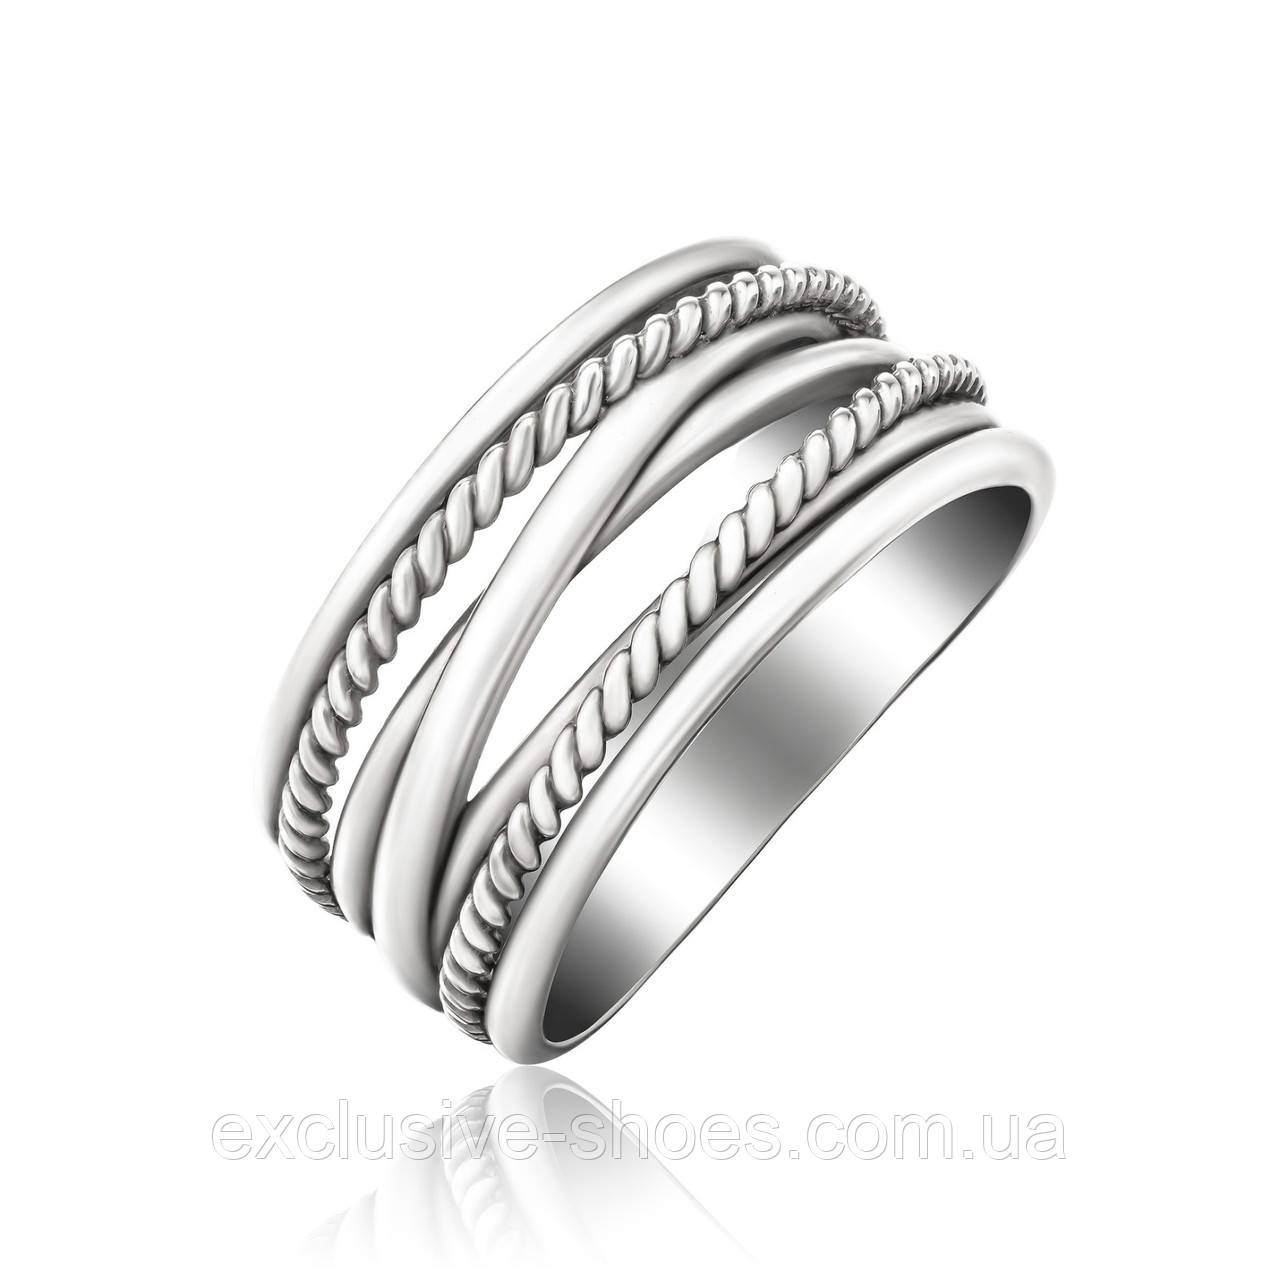 Серебряное кольцо без вставок, Avangard, 910152